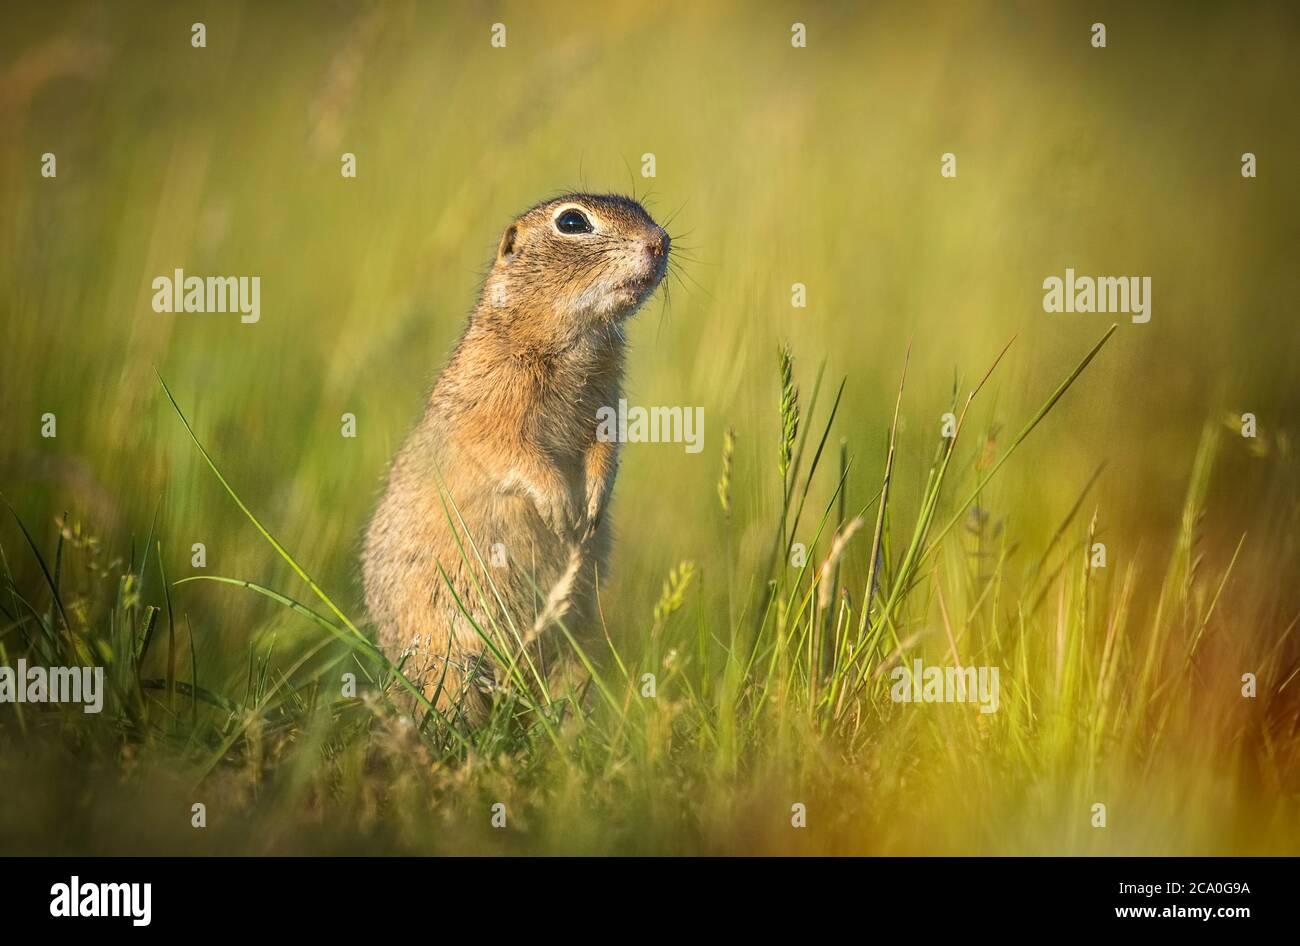 Sysel obecny Spermophilus citellus European ground squirrel Radouc Mlada Boleslav. Stock Photo